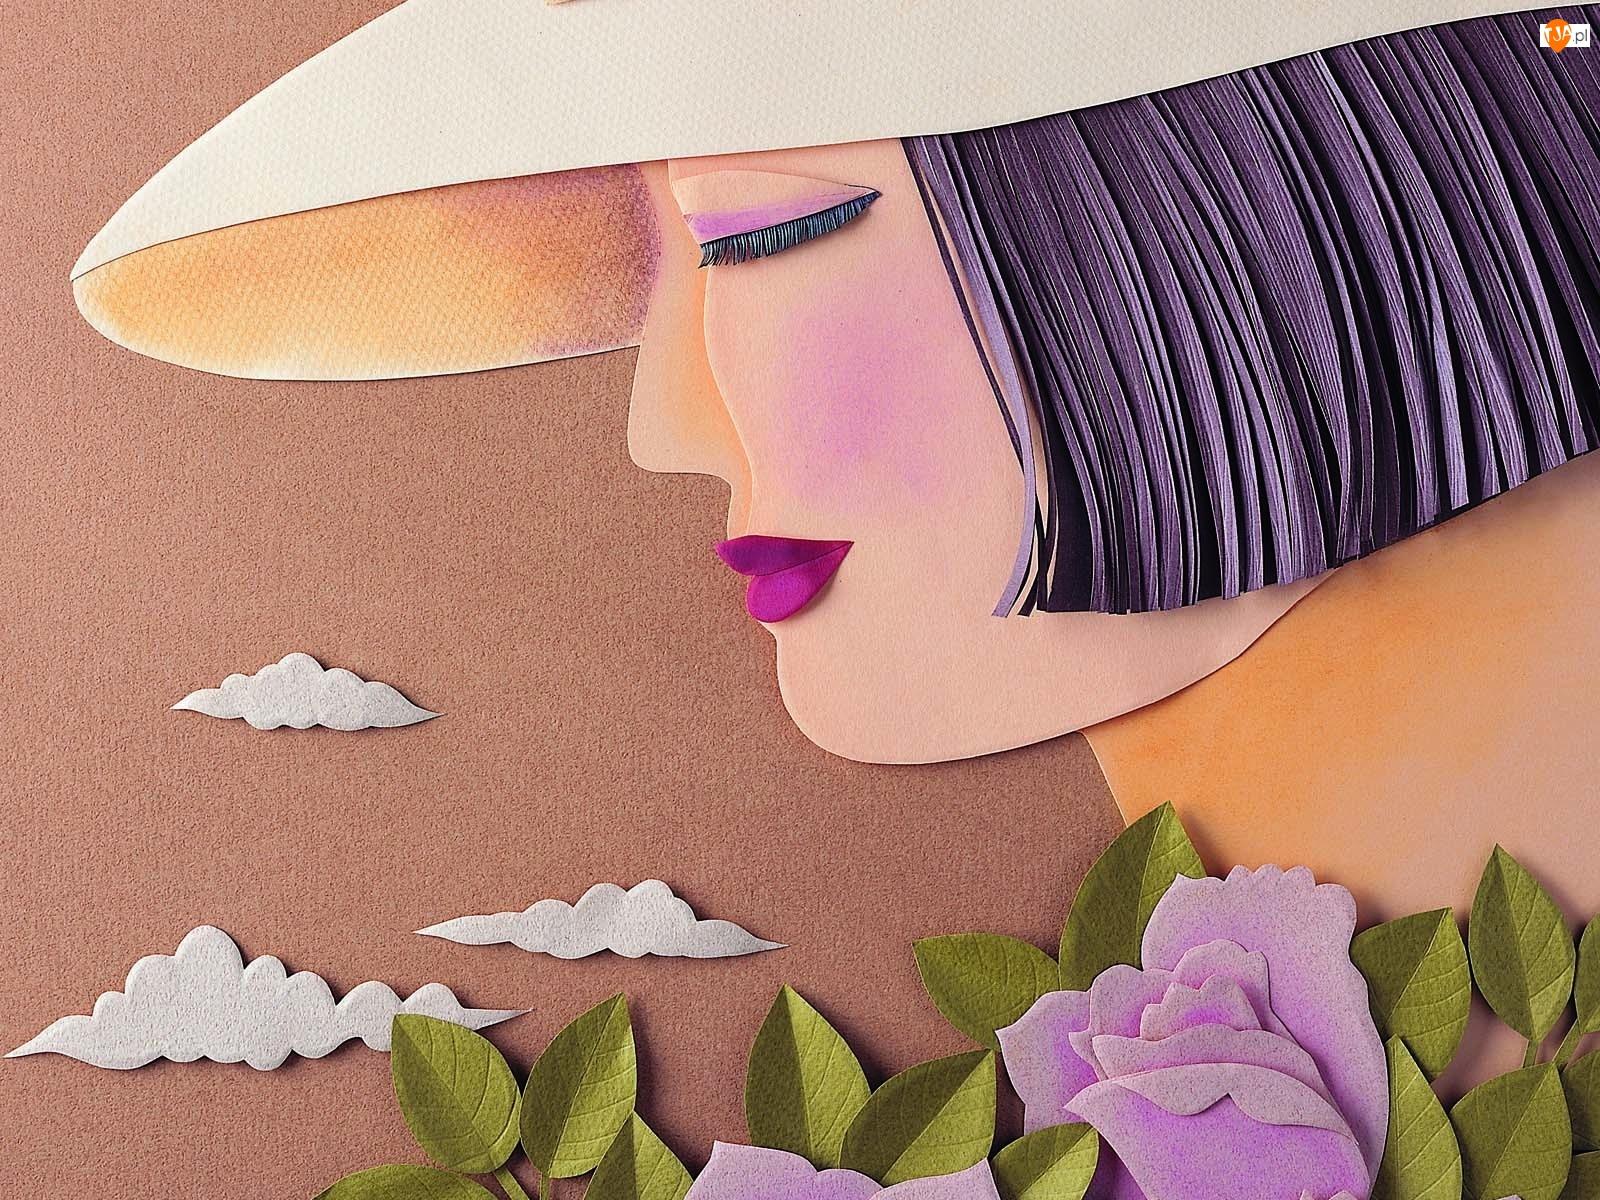 Kwiaty, Kobieta, Kapelusz